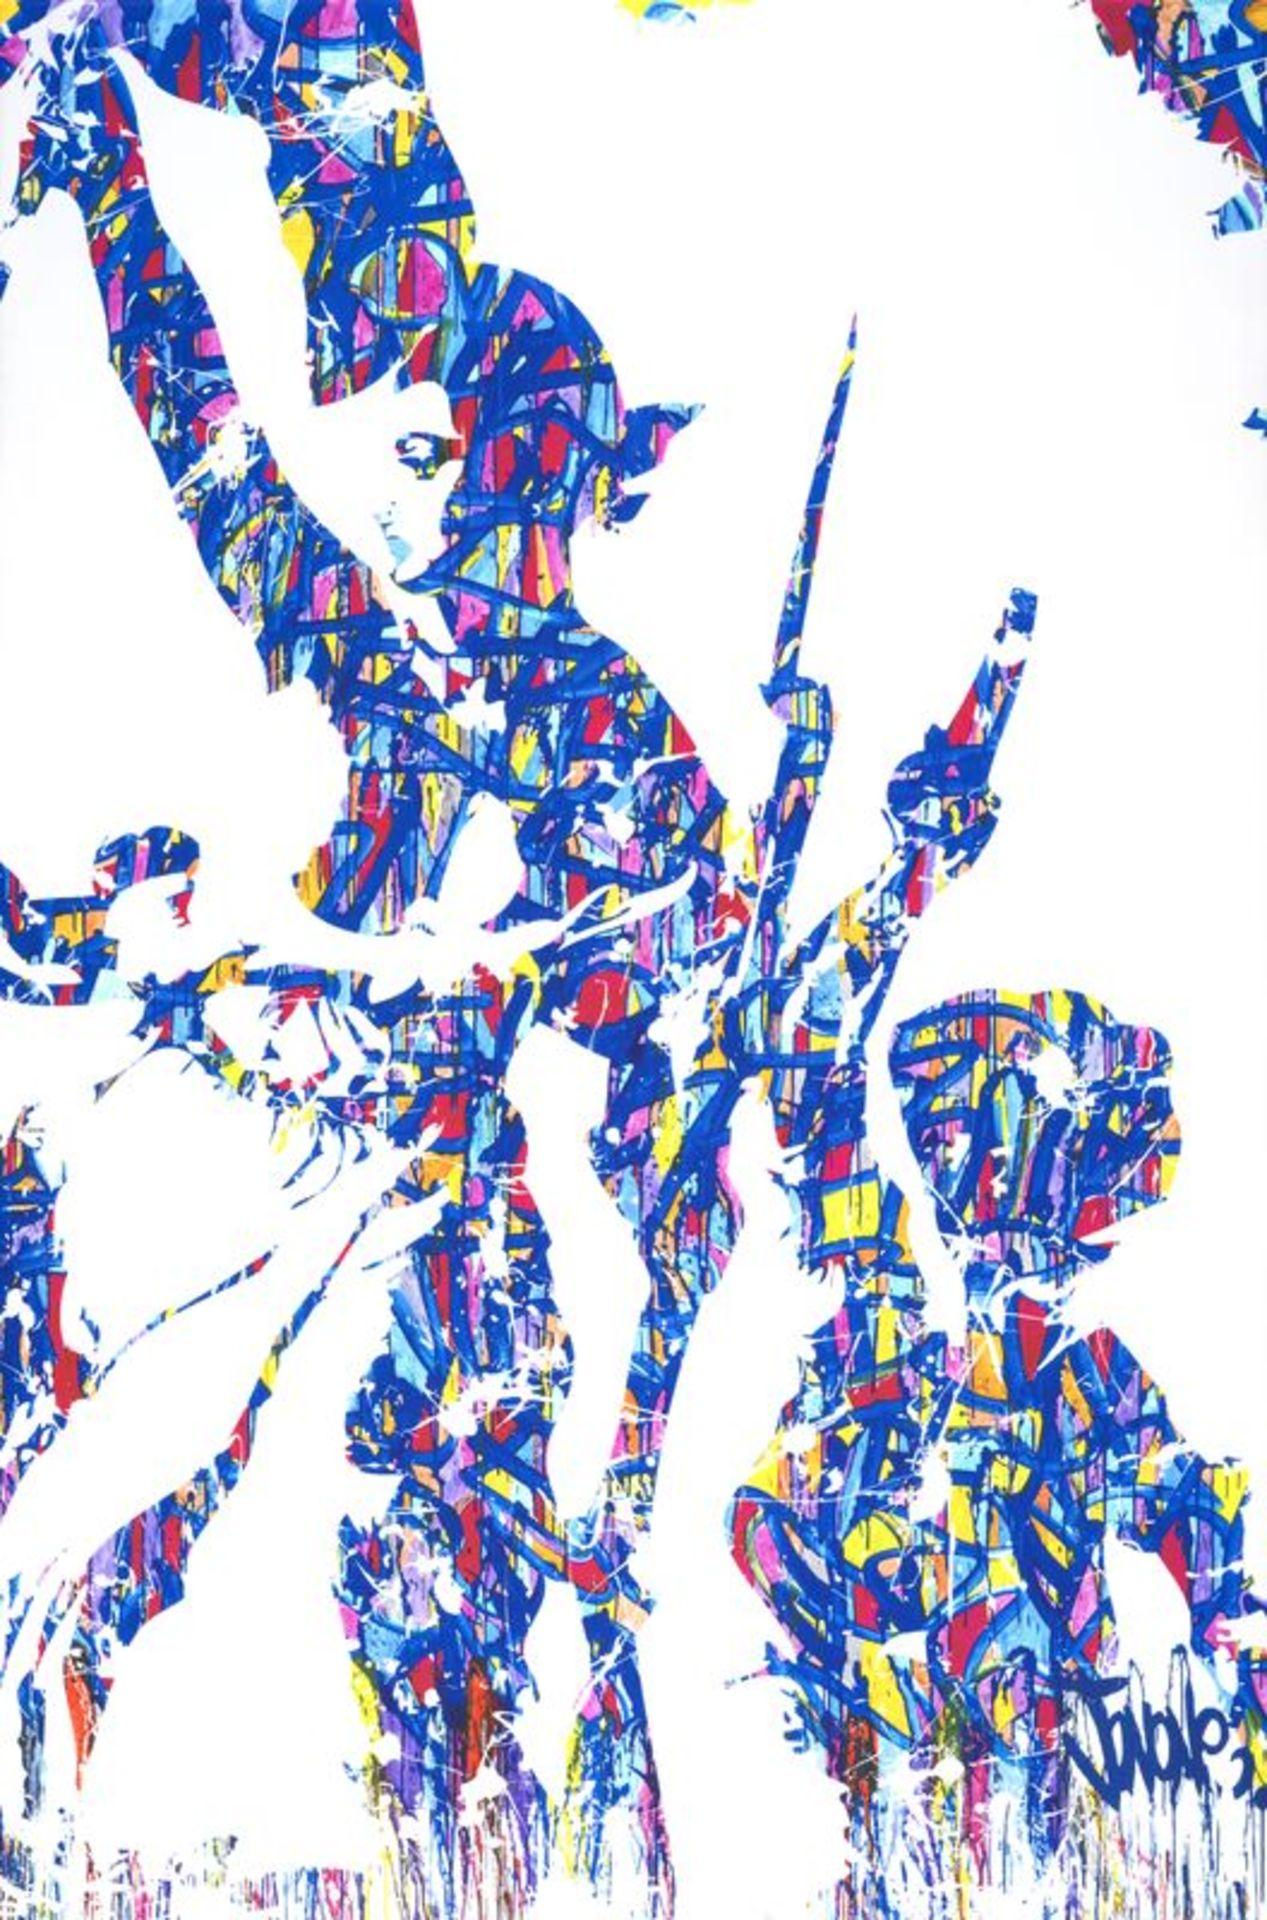 JONONE(1963) - Liberté, Egalité, Fraternité - Sérigraphie sur toile signée dans [...]